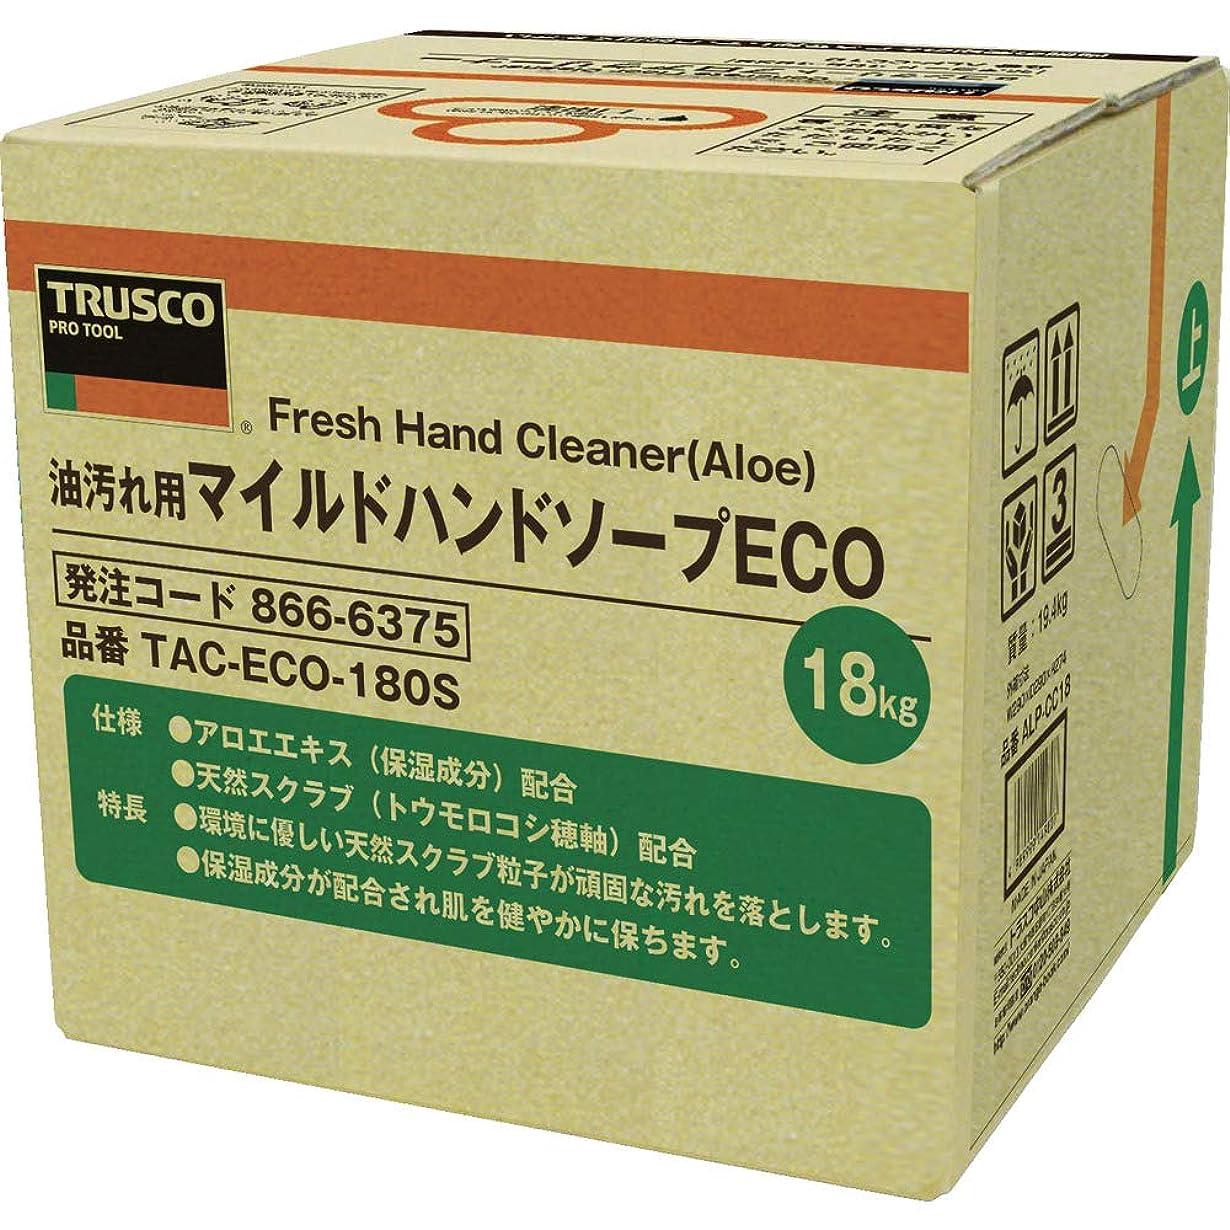 八百屋さんハング雑品TRUSCO(トラスコ) マイルドハンドソープ ECO 18L 詰替 バッグインボックス TACECO180S